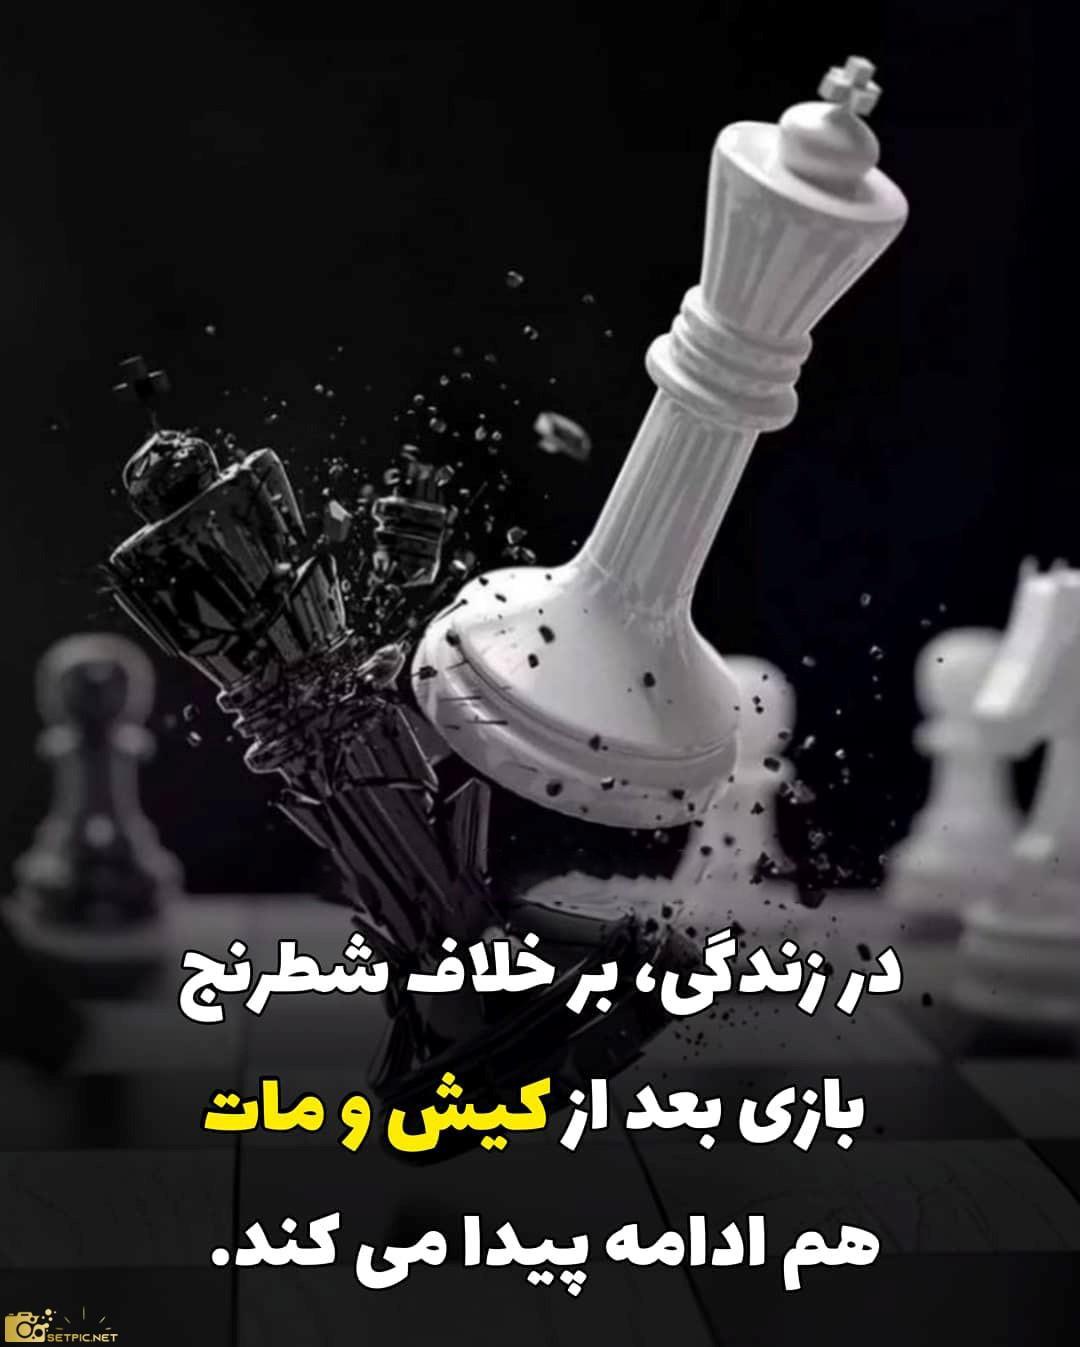 عکس نوشته انگیزشی با تصویر شطرنج